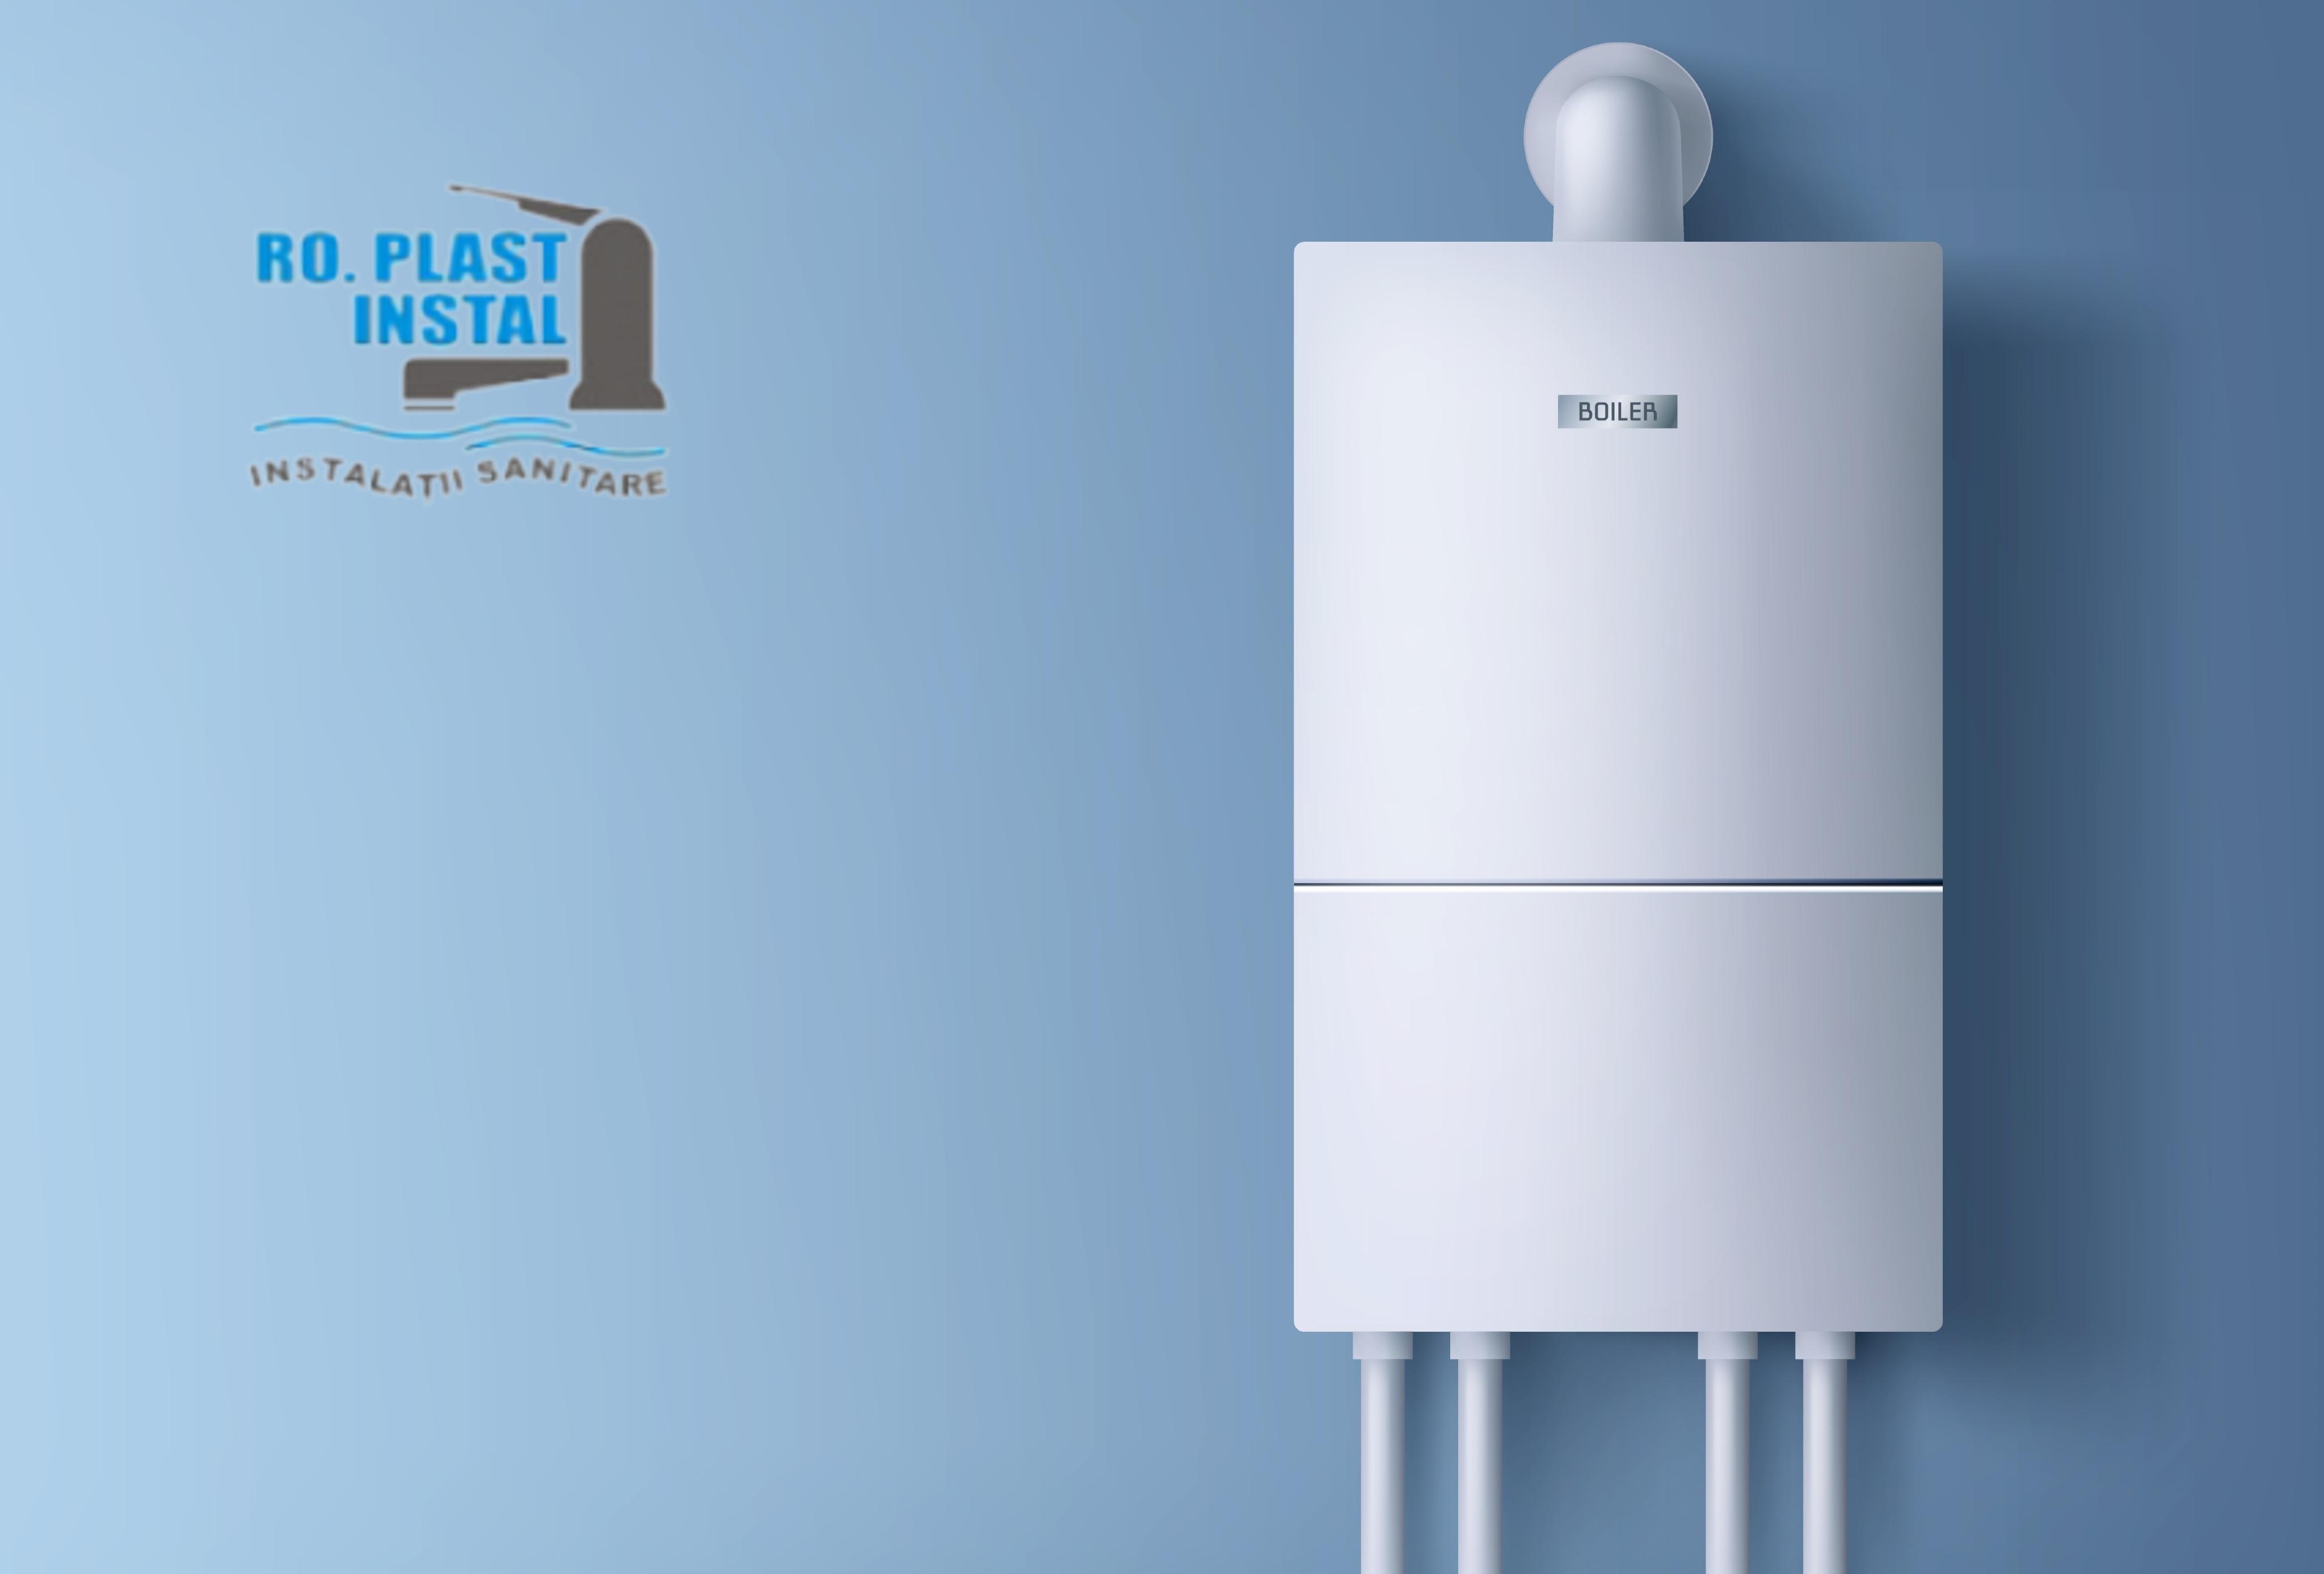 Alege un boiler potrivit pentru eficiență maximă